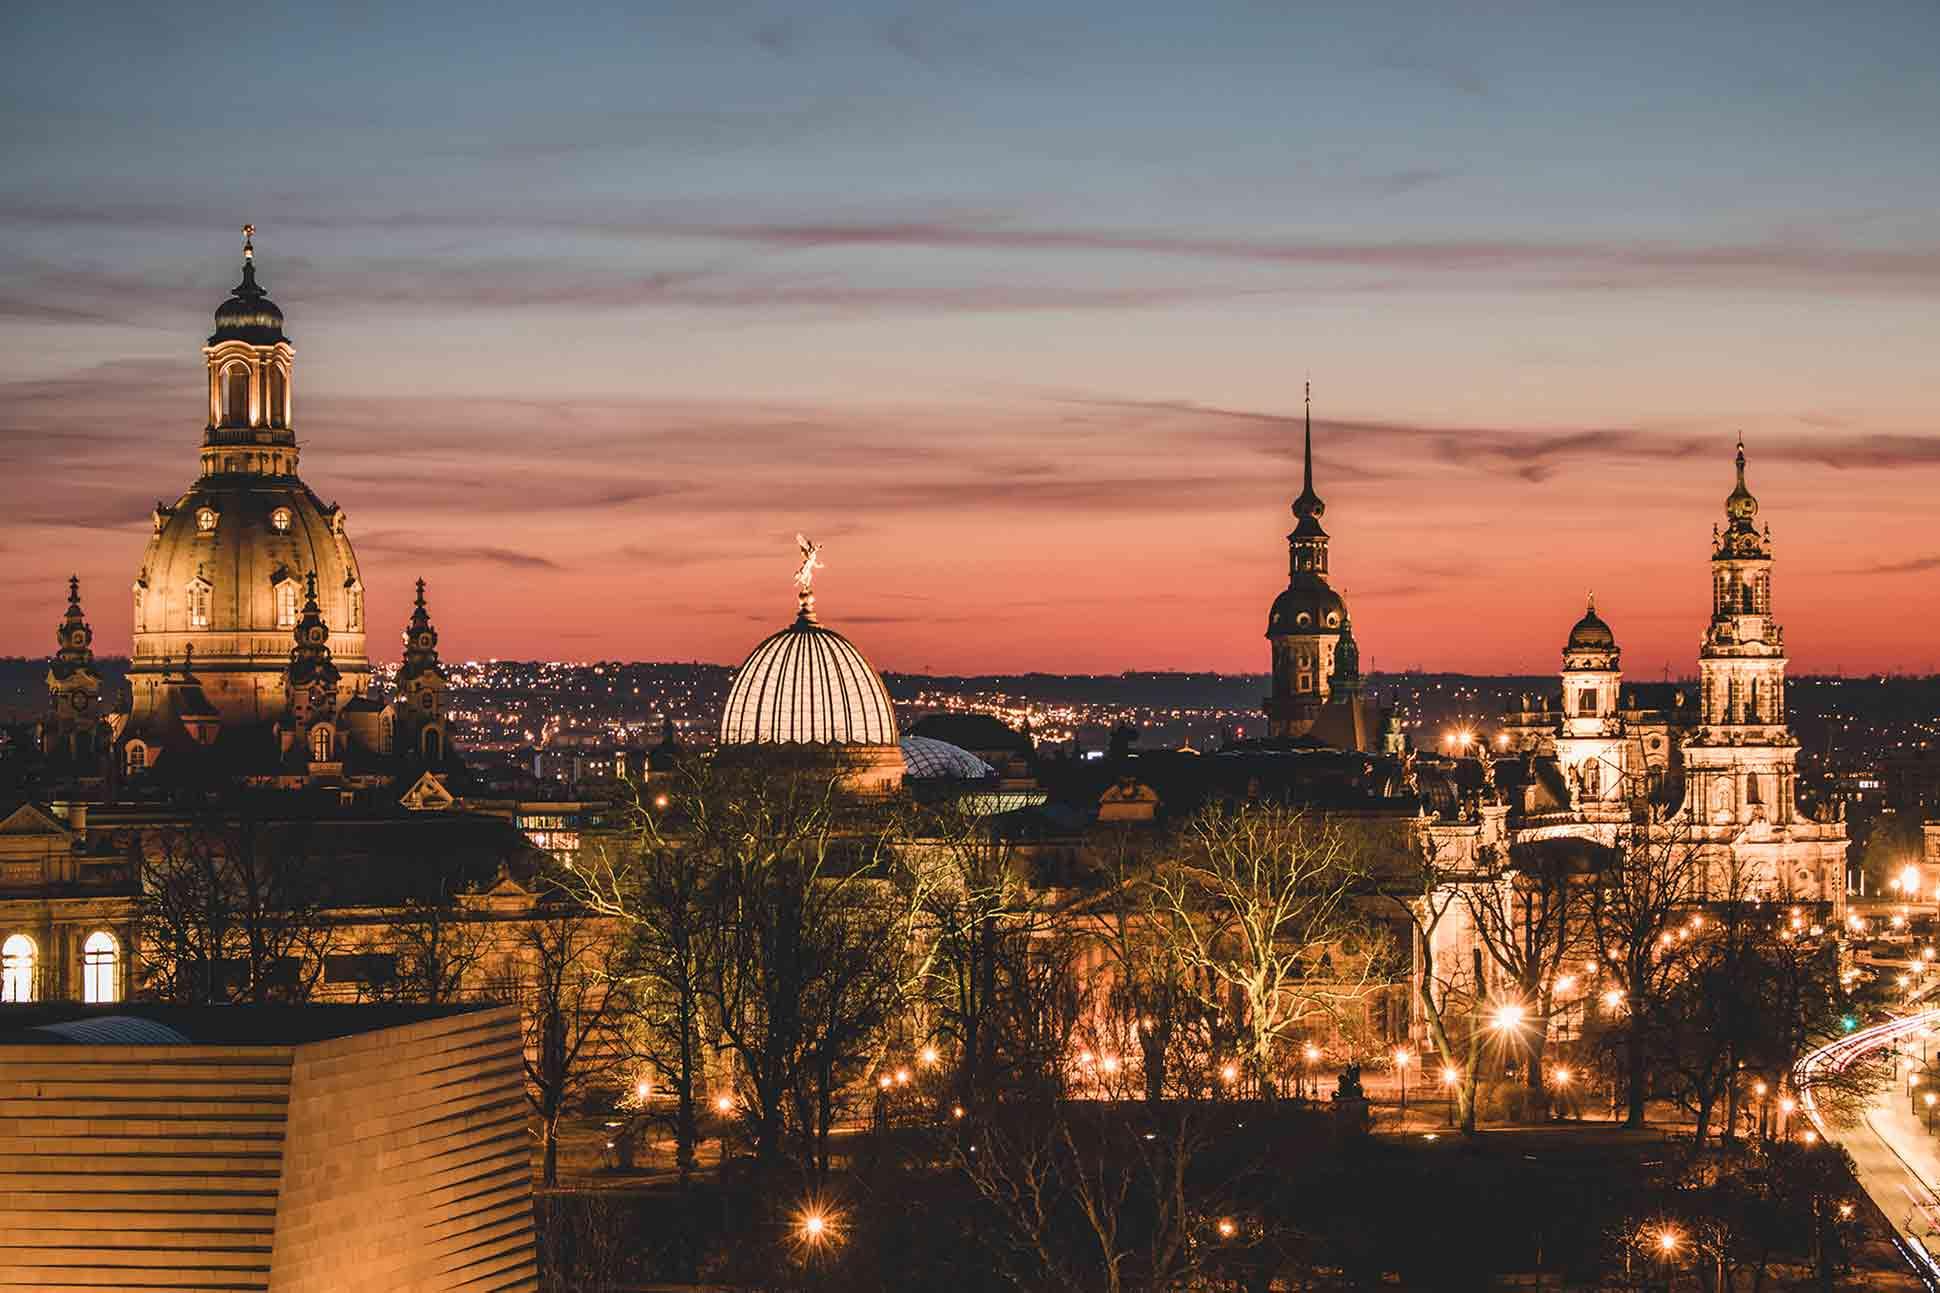 Evening in Dresden